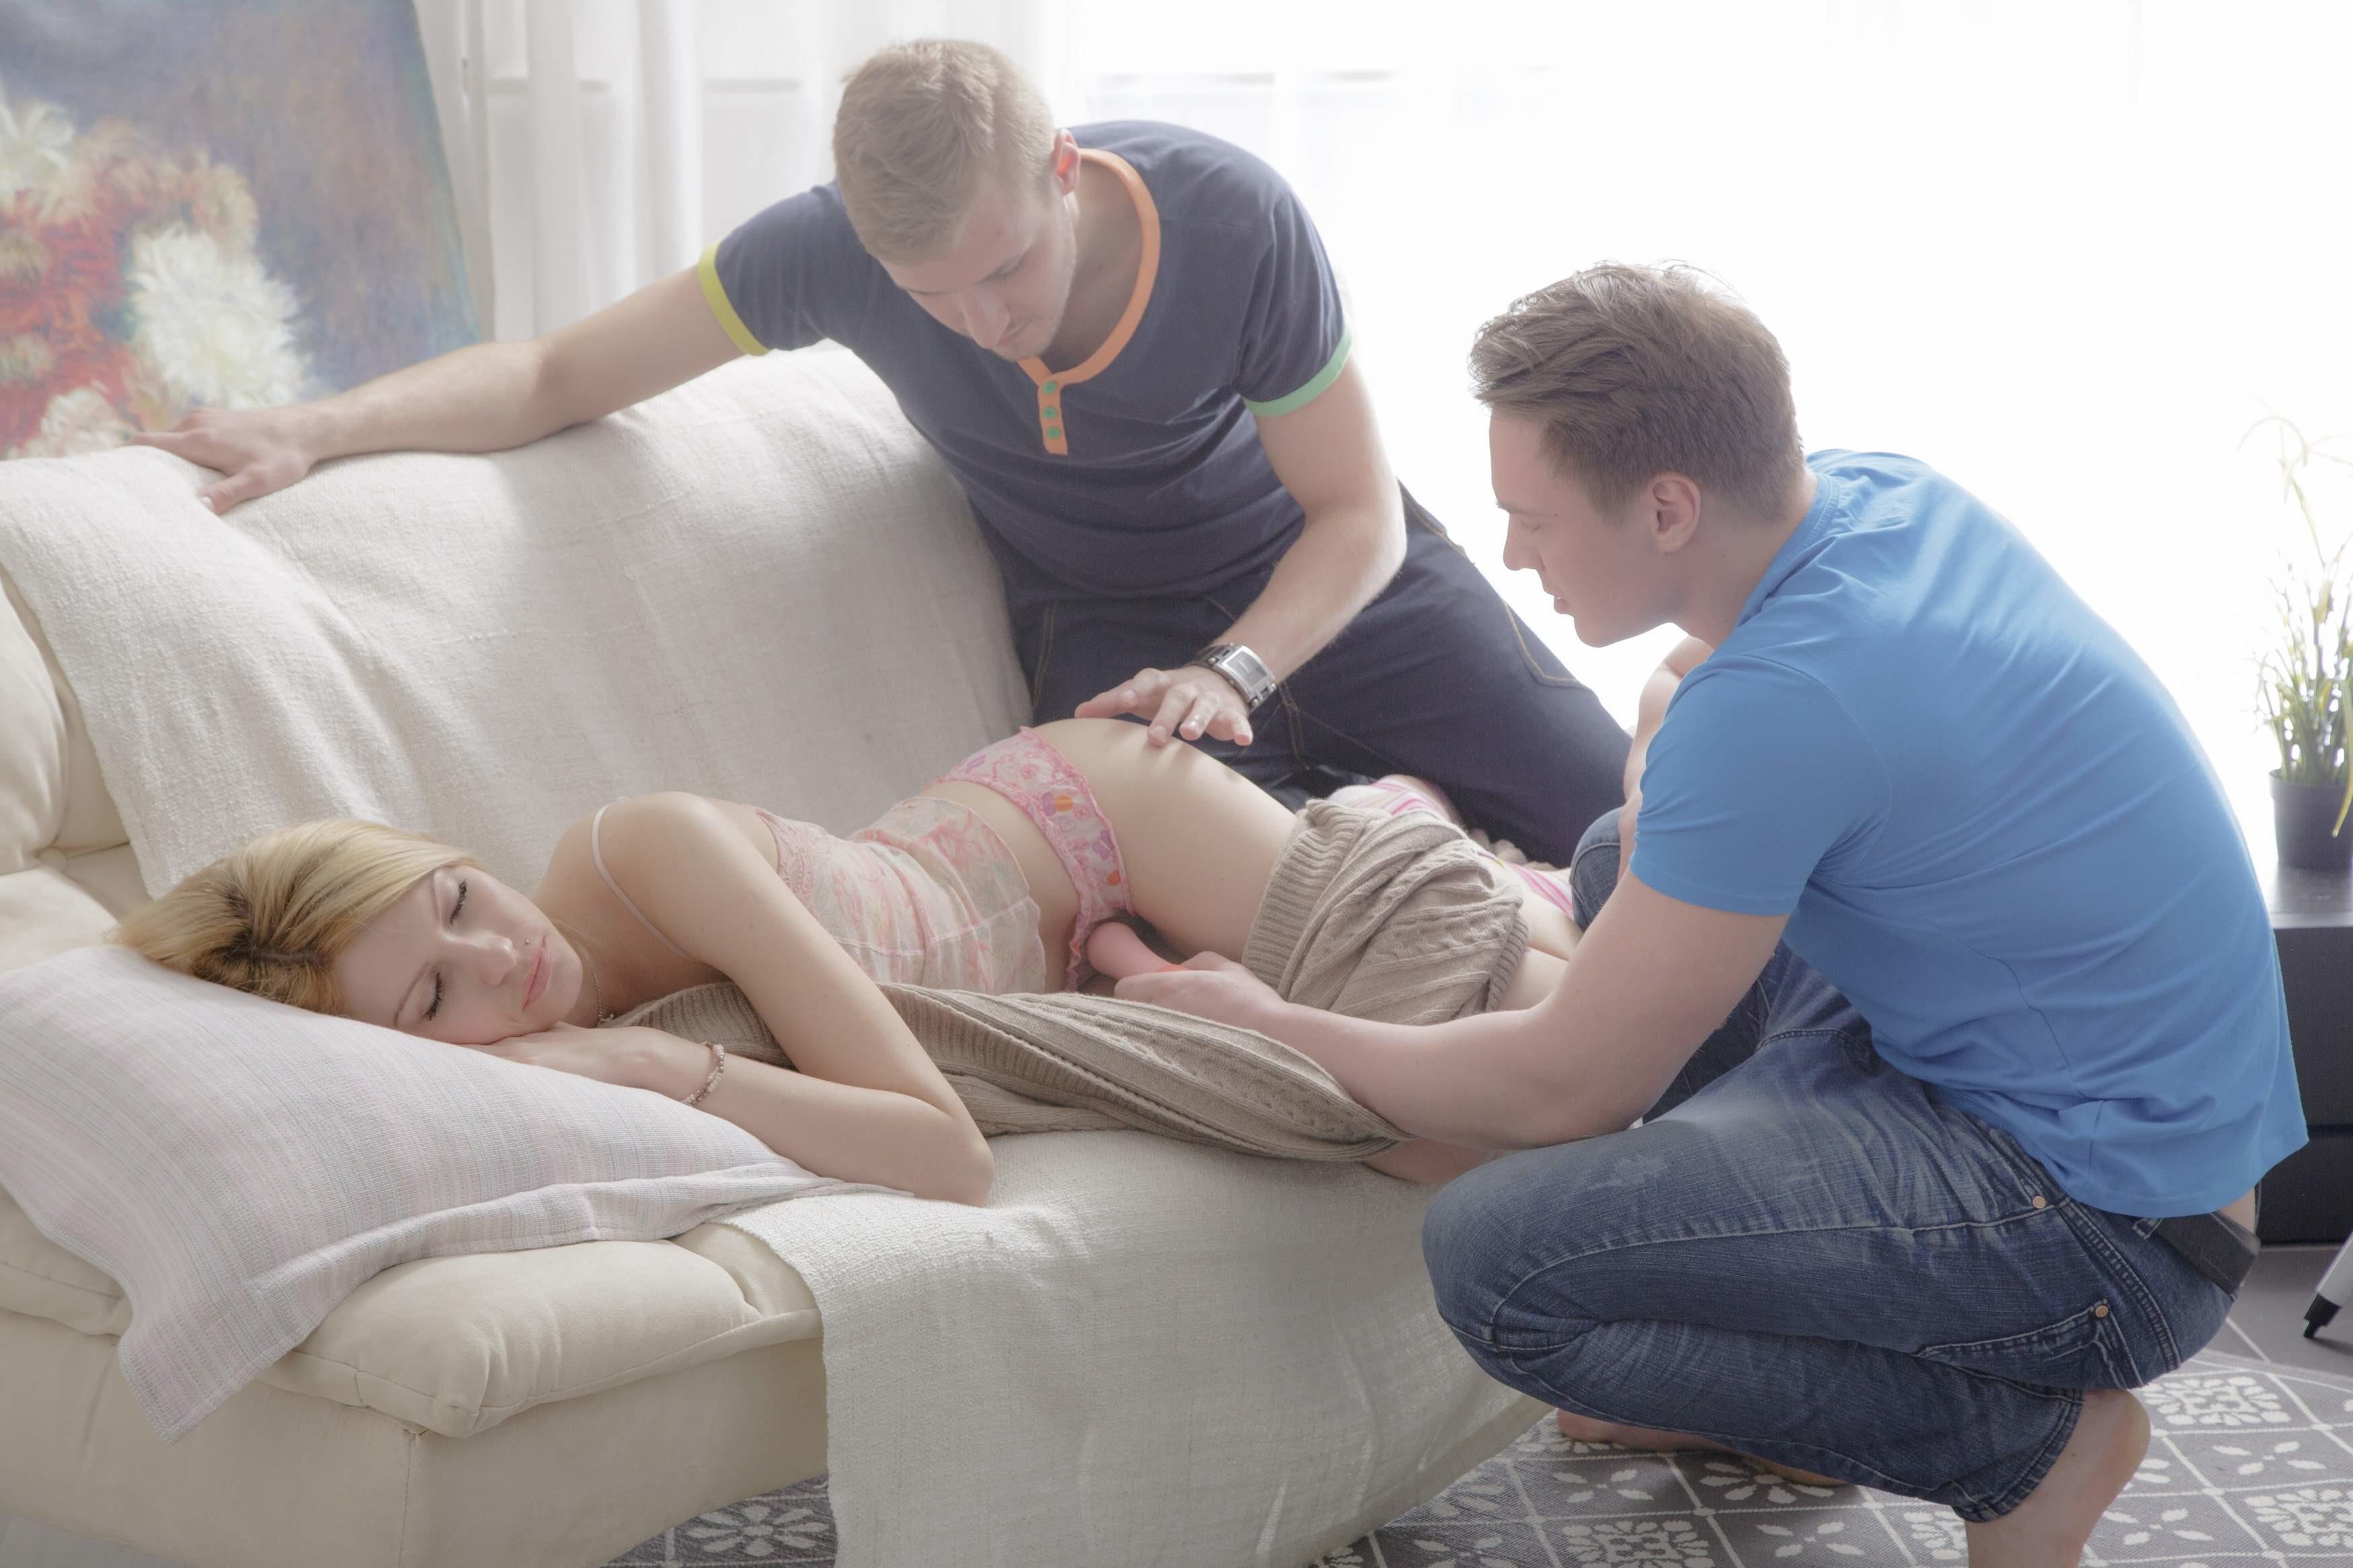 Сладкая блонда Джули спала, пока ее друзья не разбудили ее своим вибратором, после они хорошенько отодрали ее дырки